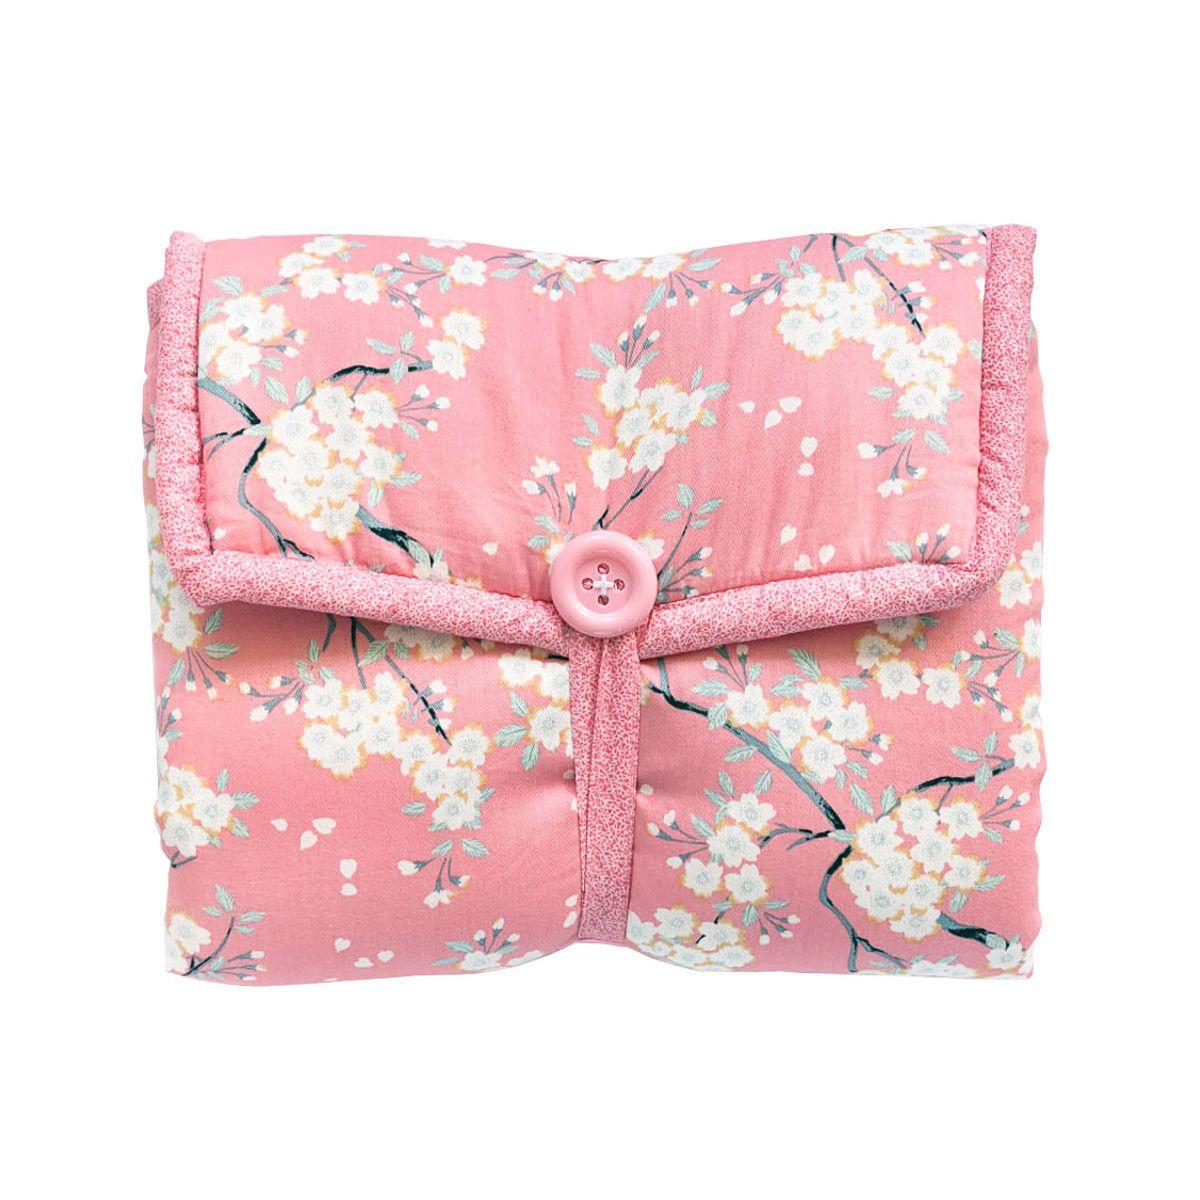 Tapis à langer nomade de voyage bébé coton éponge blanc et fleurs cerisiers rose